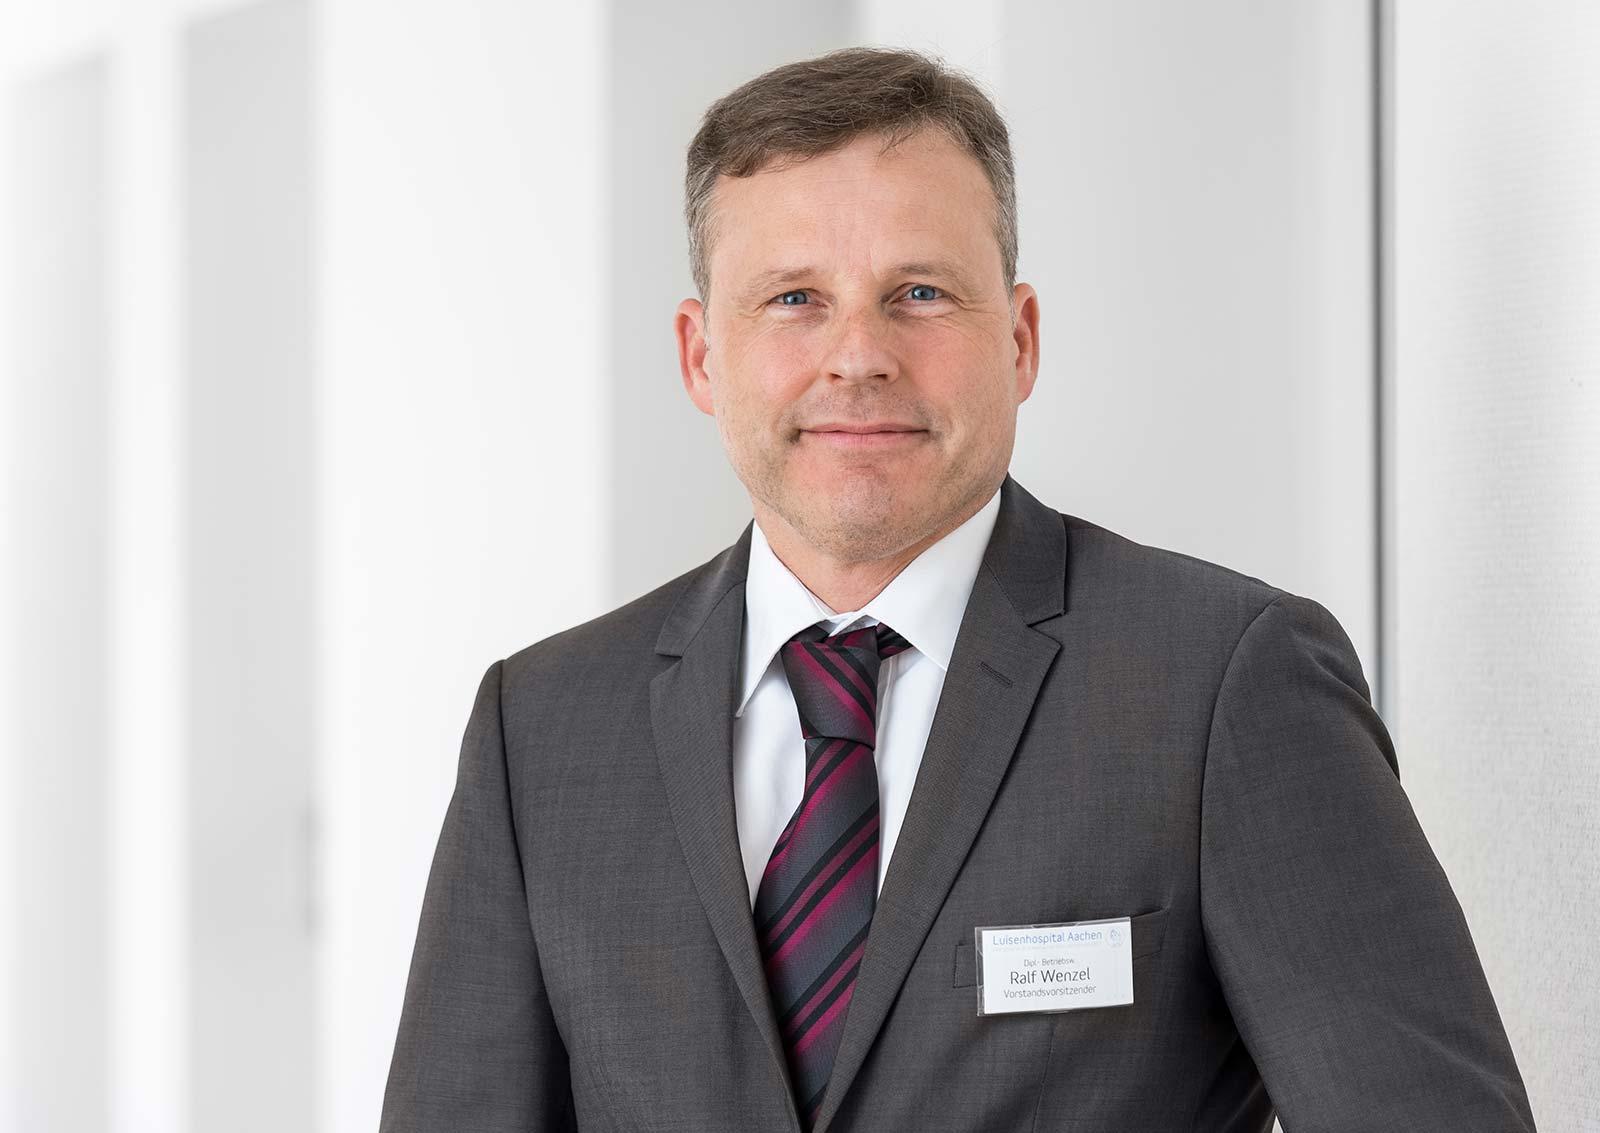 Ralf Wenzel